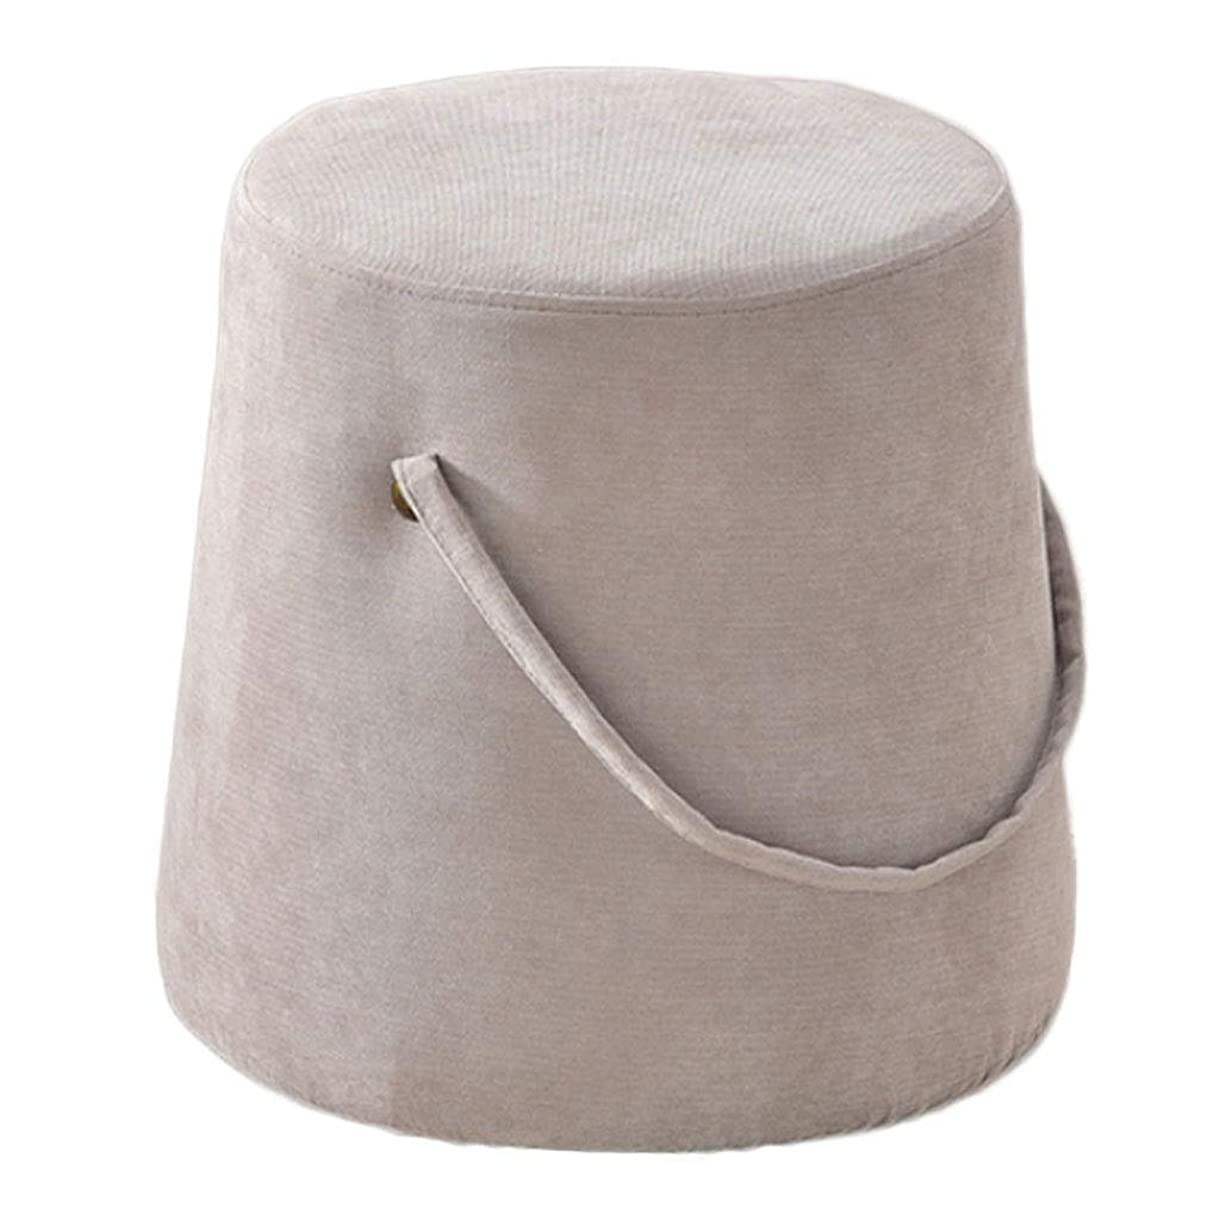 バルーン文忠誠フットスツールプーフフットスツールレストリビングルーム用の小さなオスマンベッドルームソファコーヒーテーブル、30x30x35cm、グレー、67(色:グレー-1)